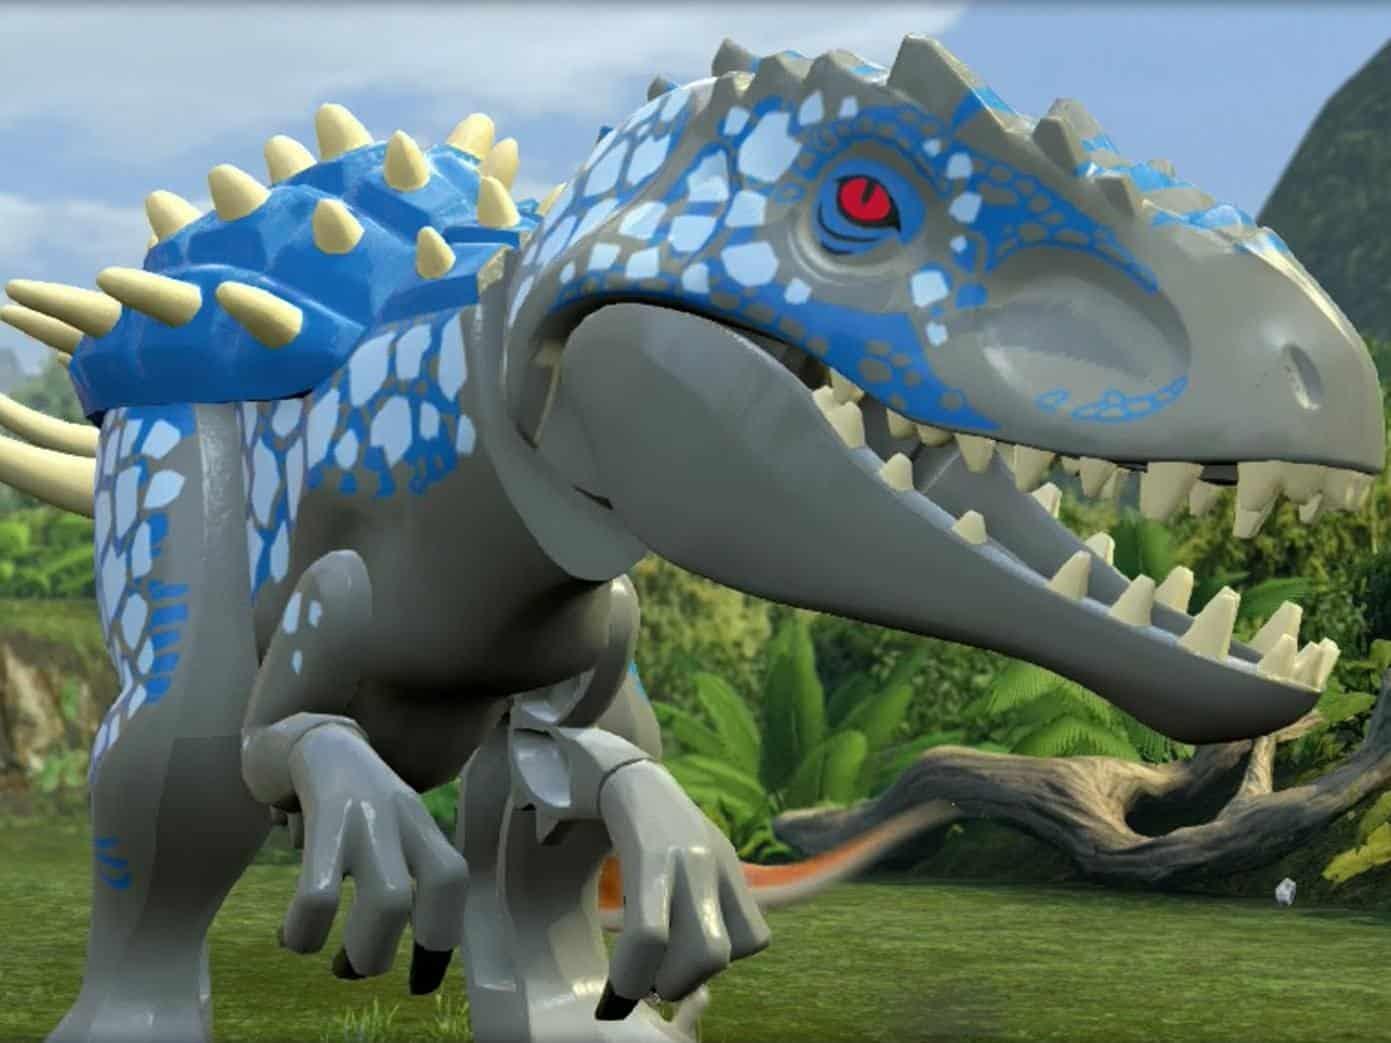 LEGO-Мир-Юрского-периода-Столпотворение!